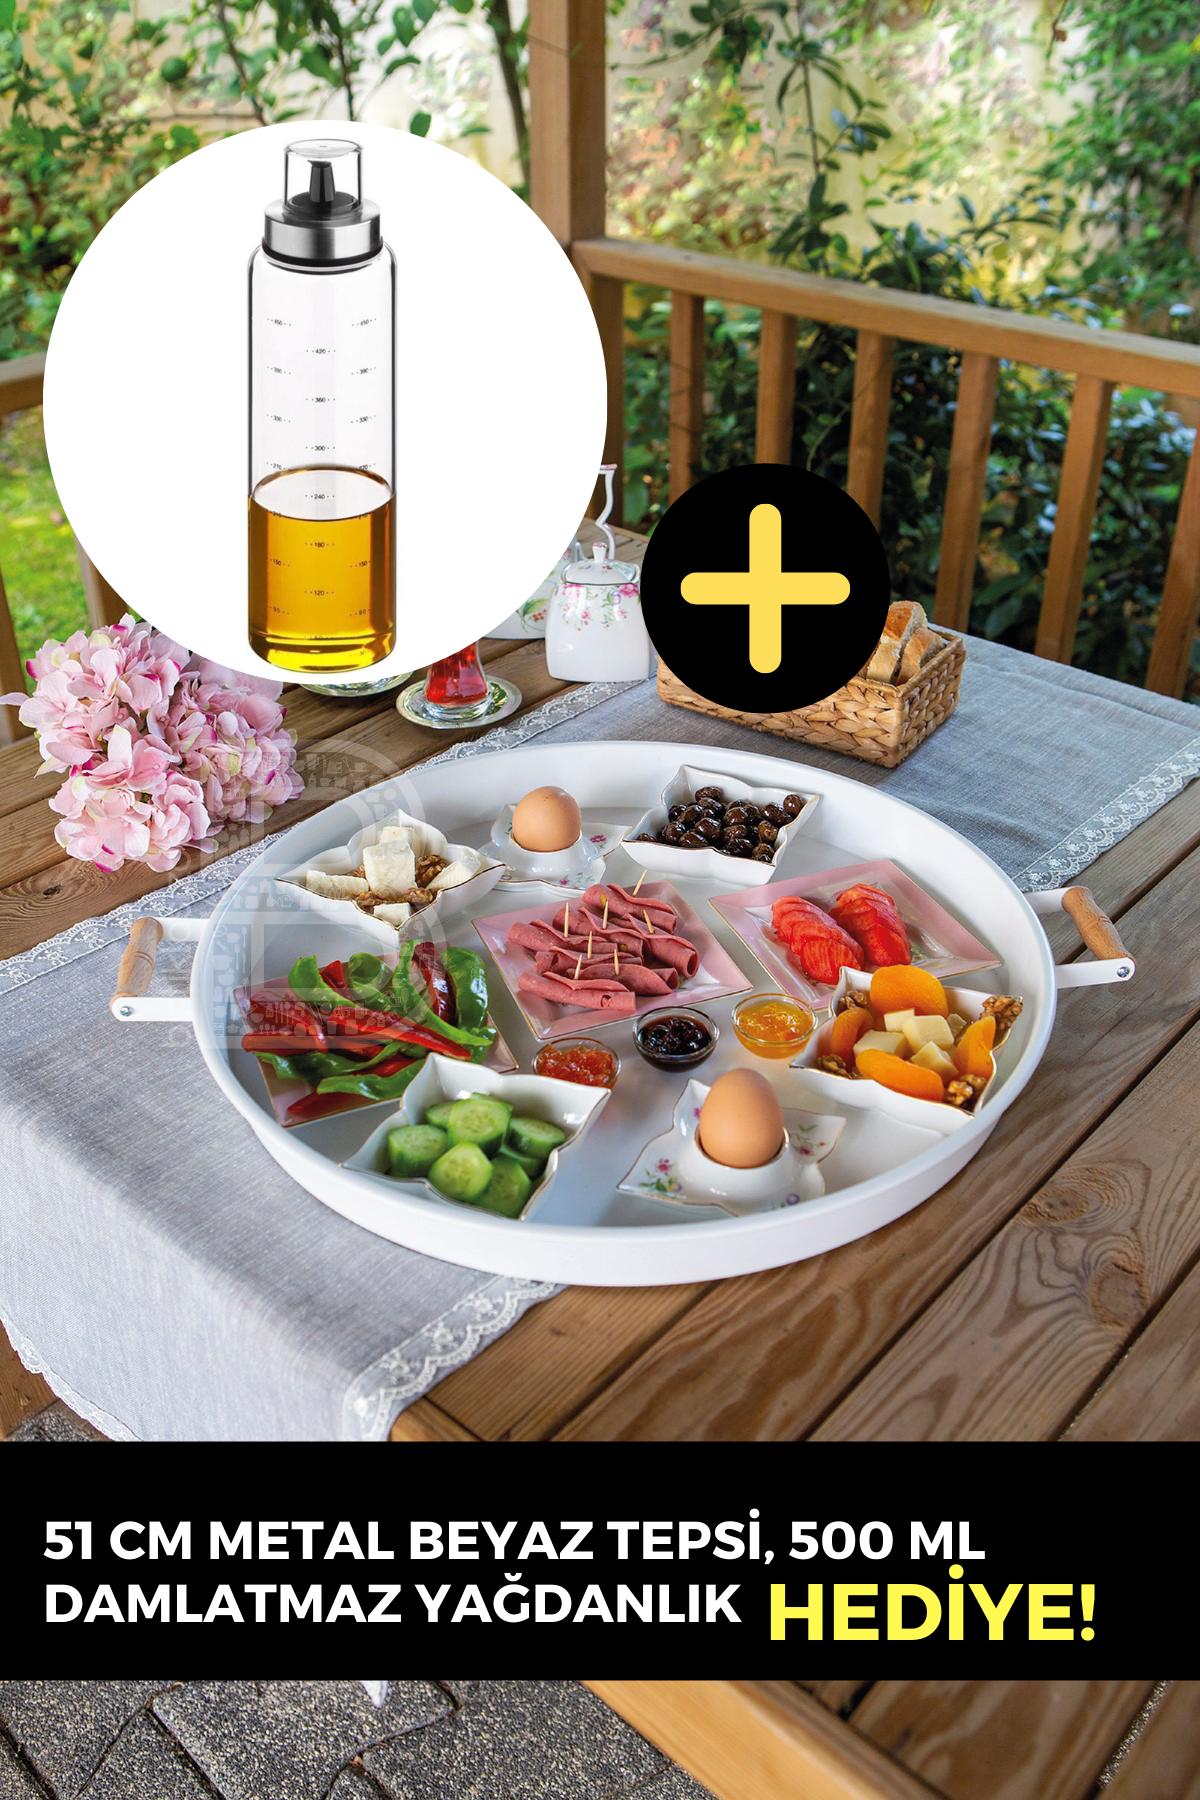 Kitchen Trend Metal 51 Cm Beyaz Ahşap Kulplu Yuvarlak Beyaz Tepsi, 500 Ml Borosilikat Yağdanlık HEDİYELİ!